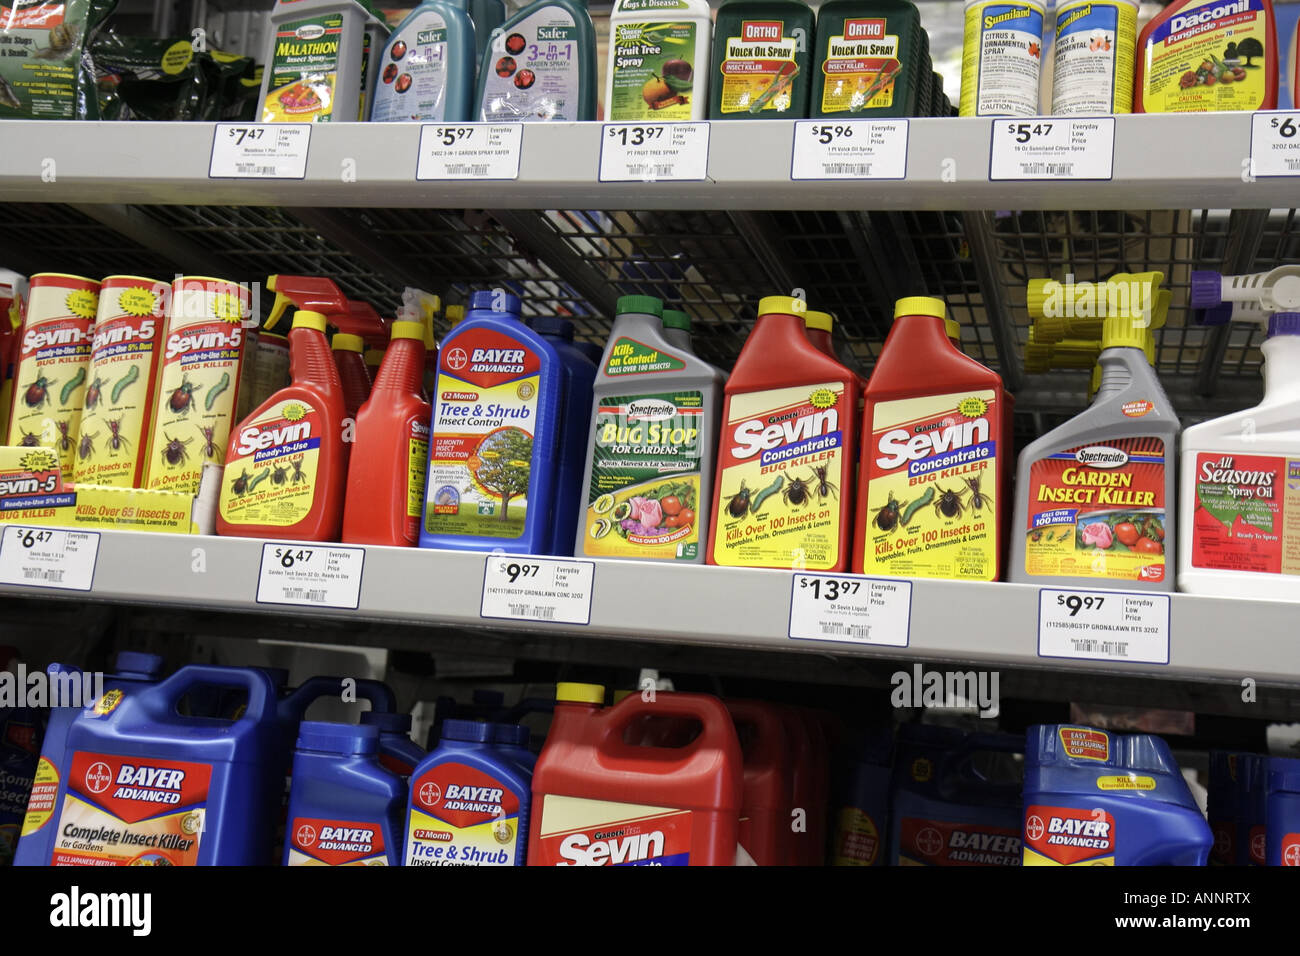 Florida Hialeah Home Depot Garden Supplies Insect Killer